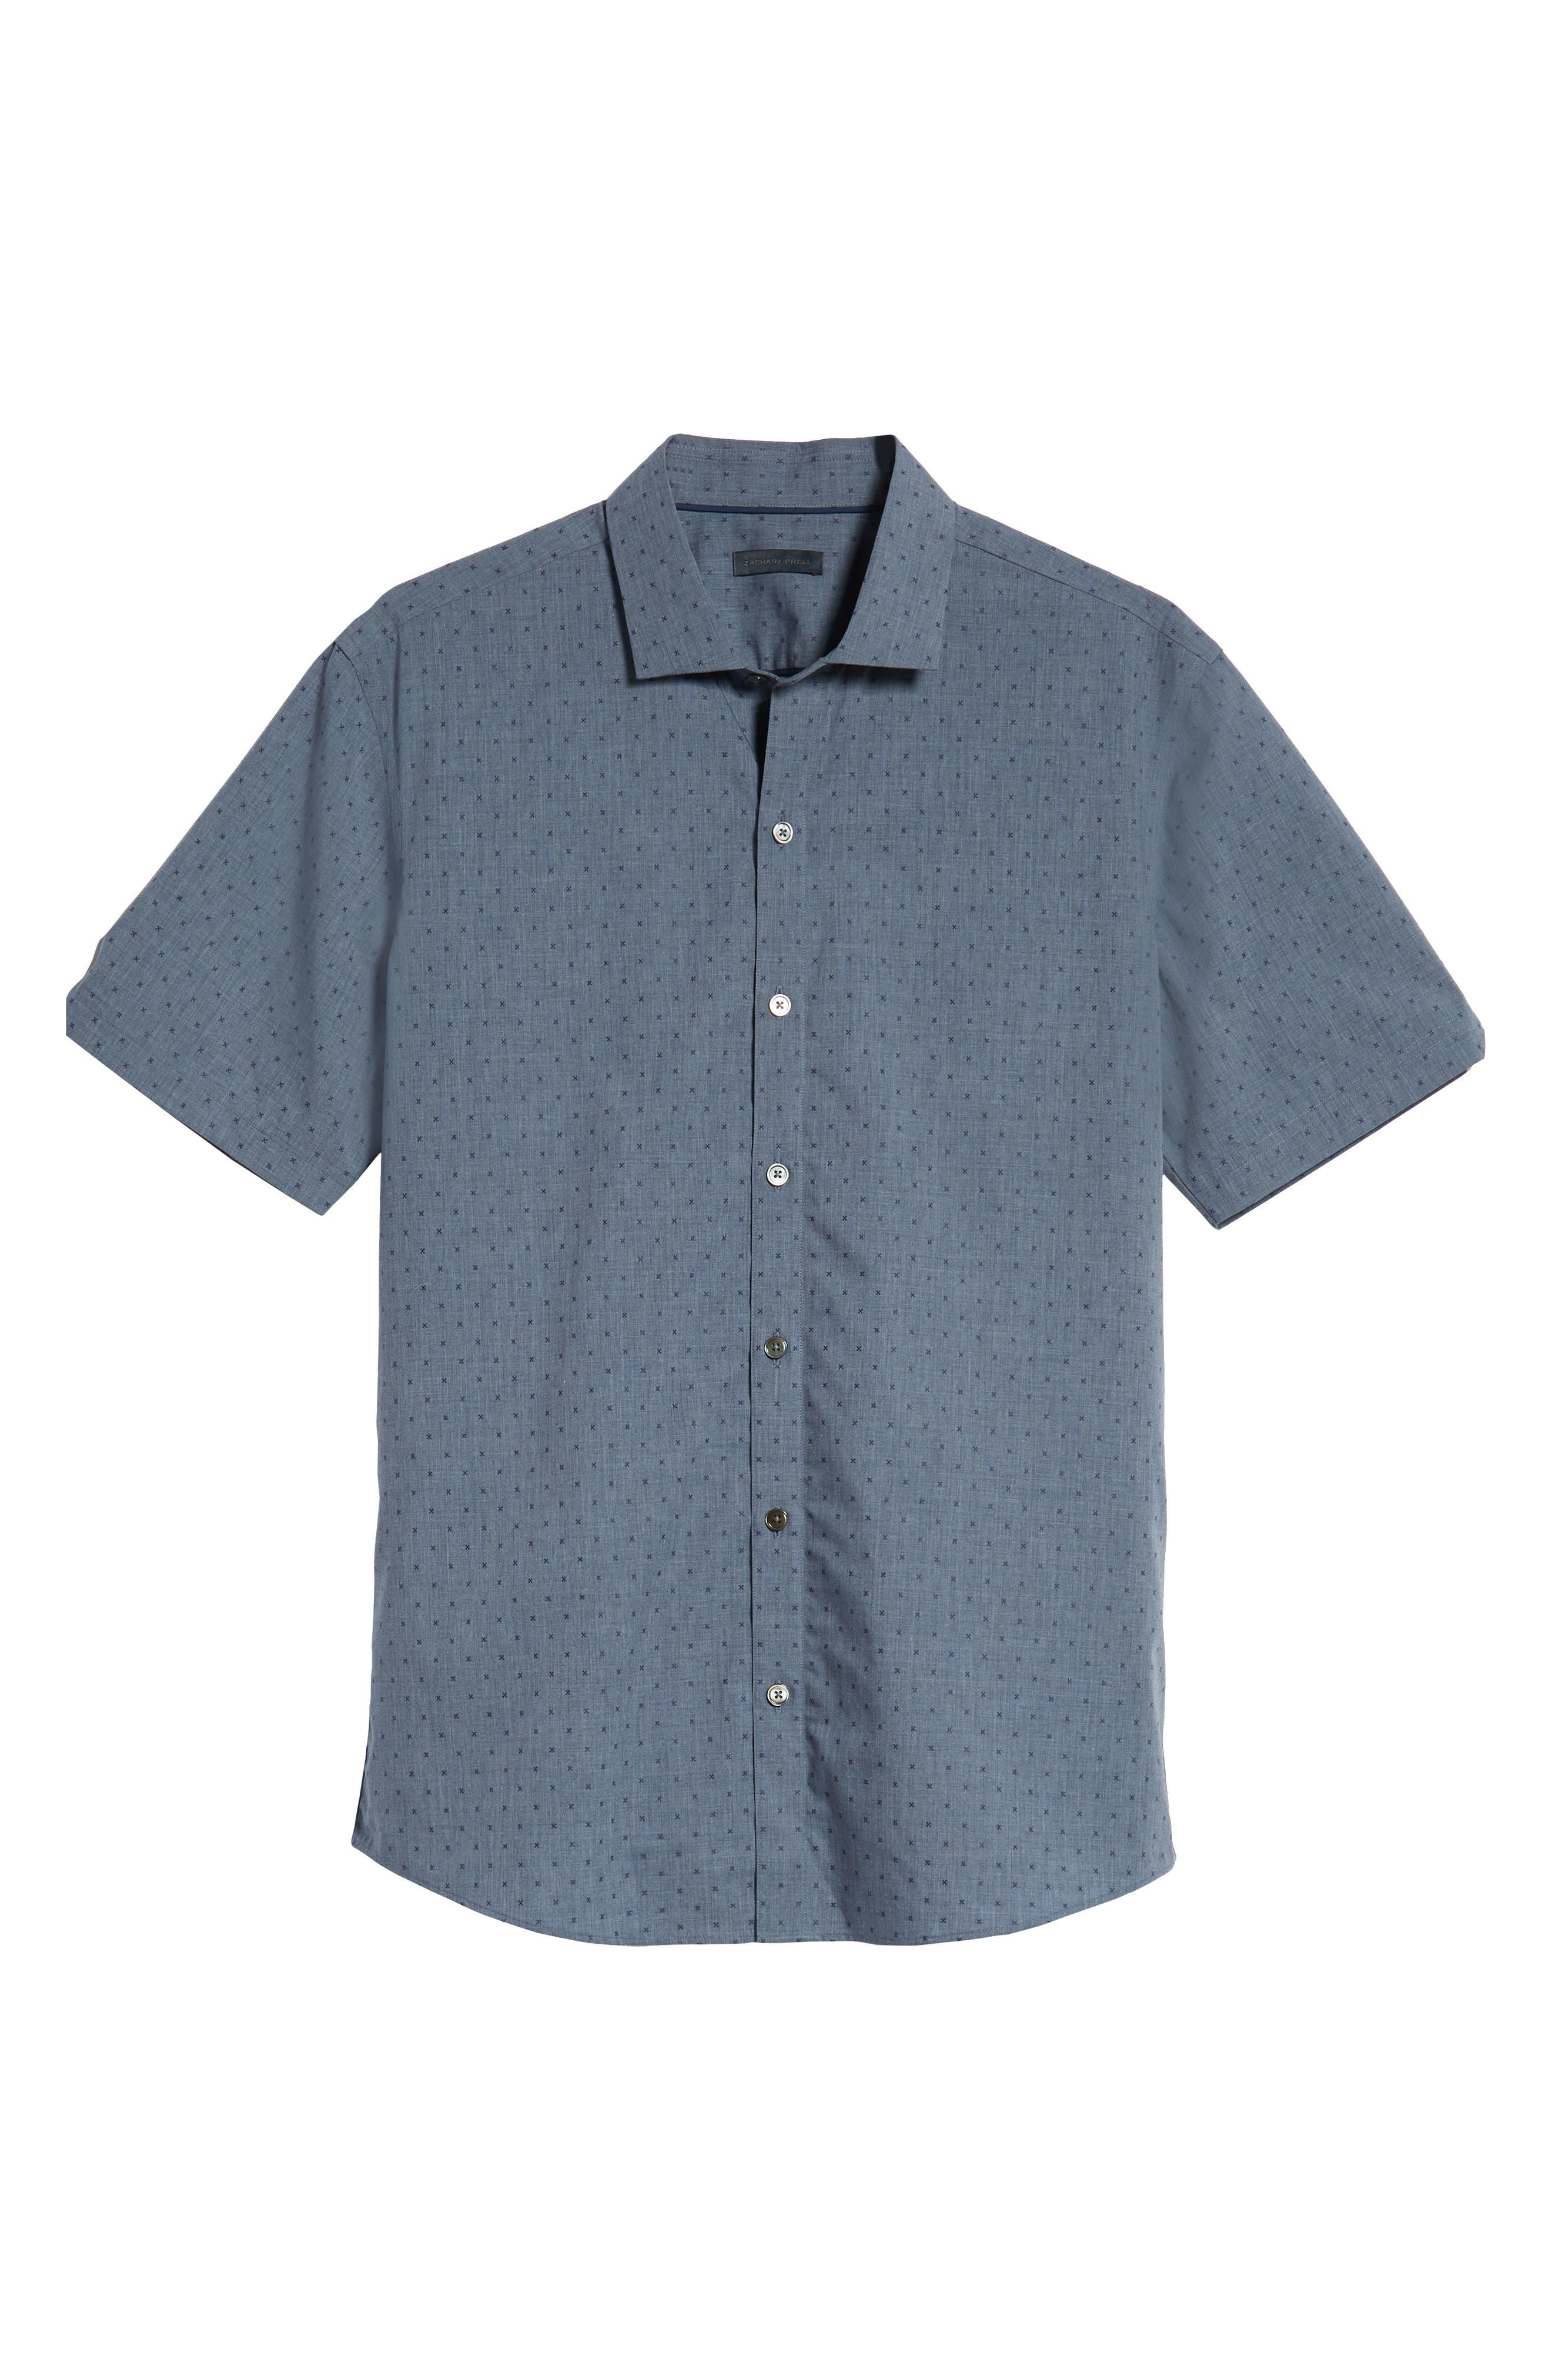 Zachary Prell Huang Woven Shirt